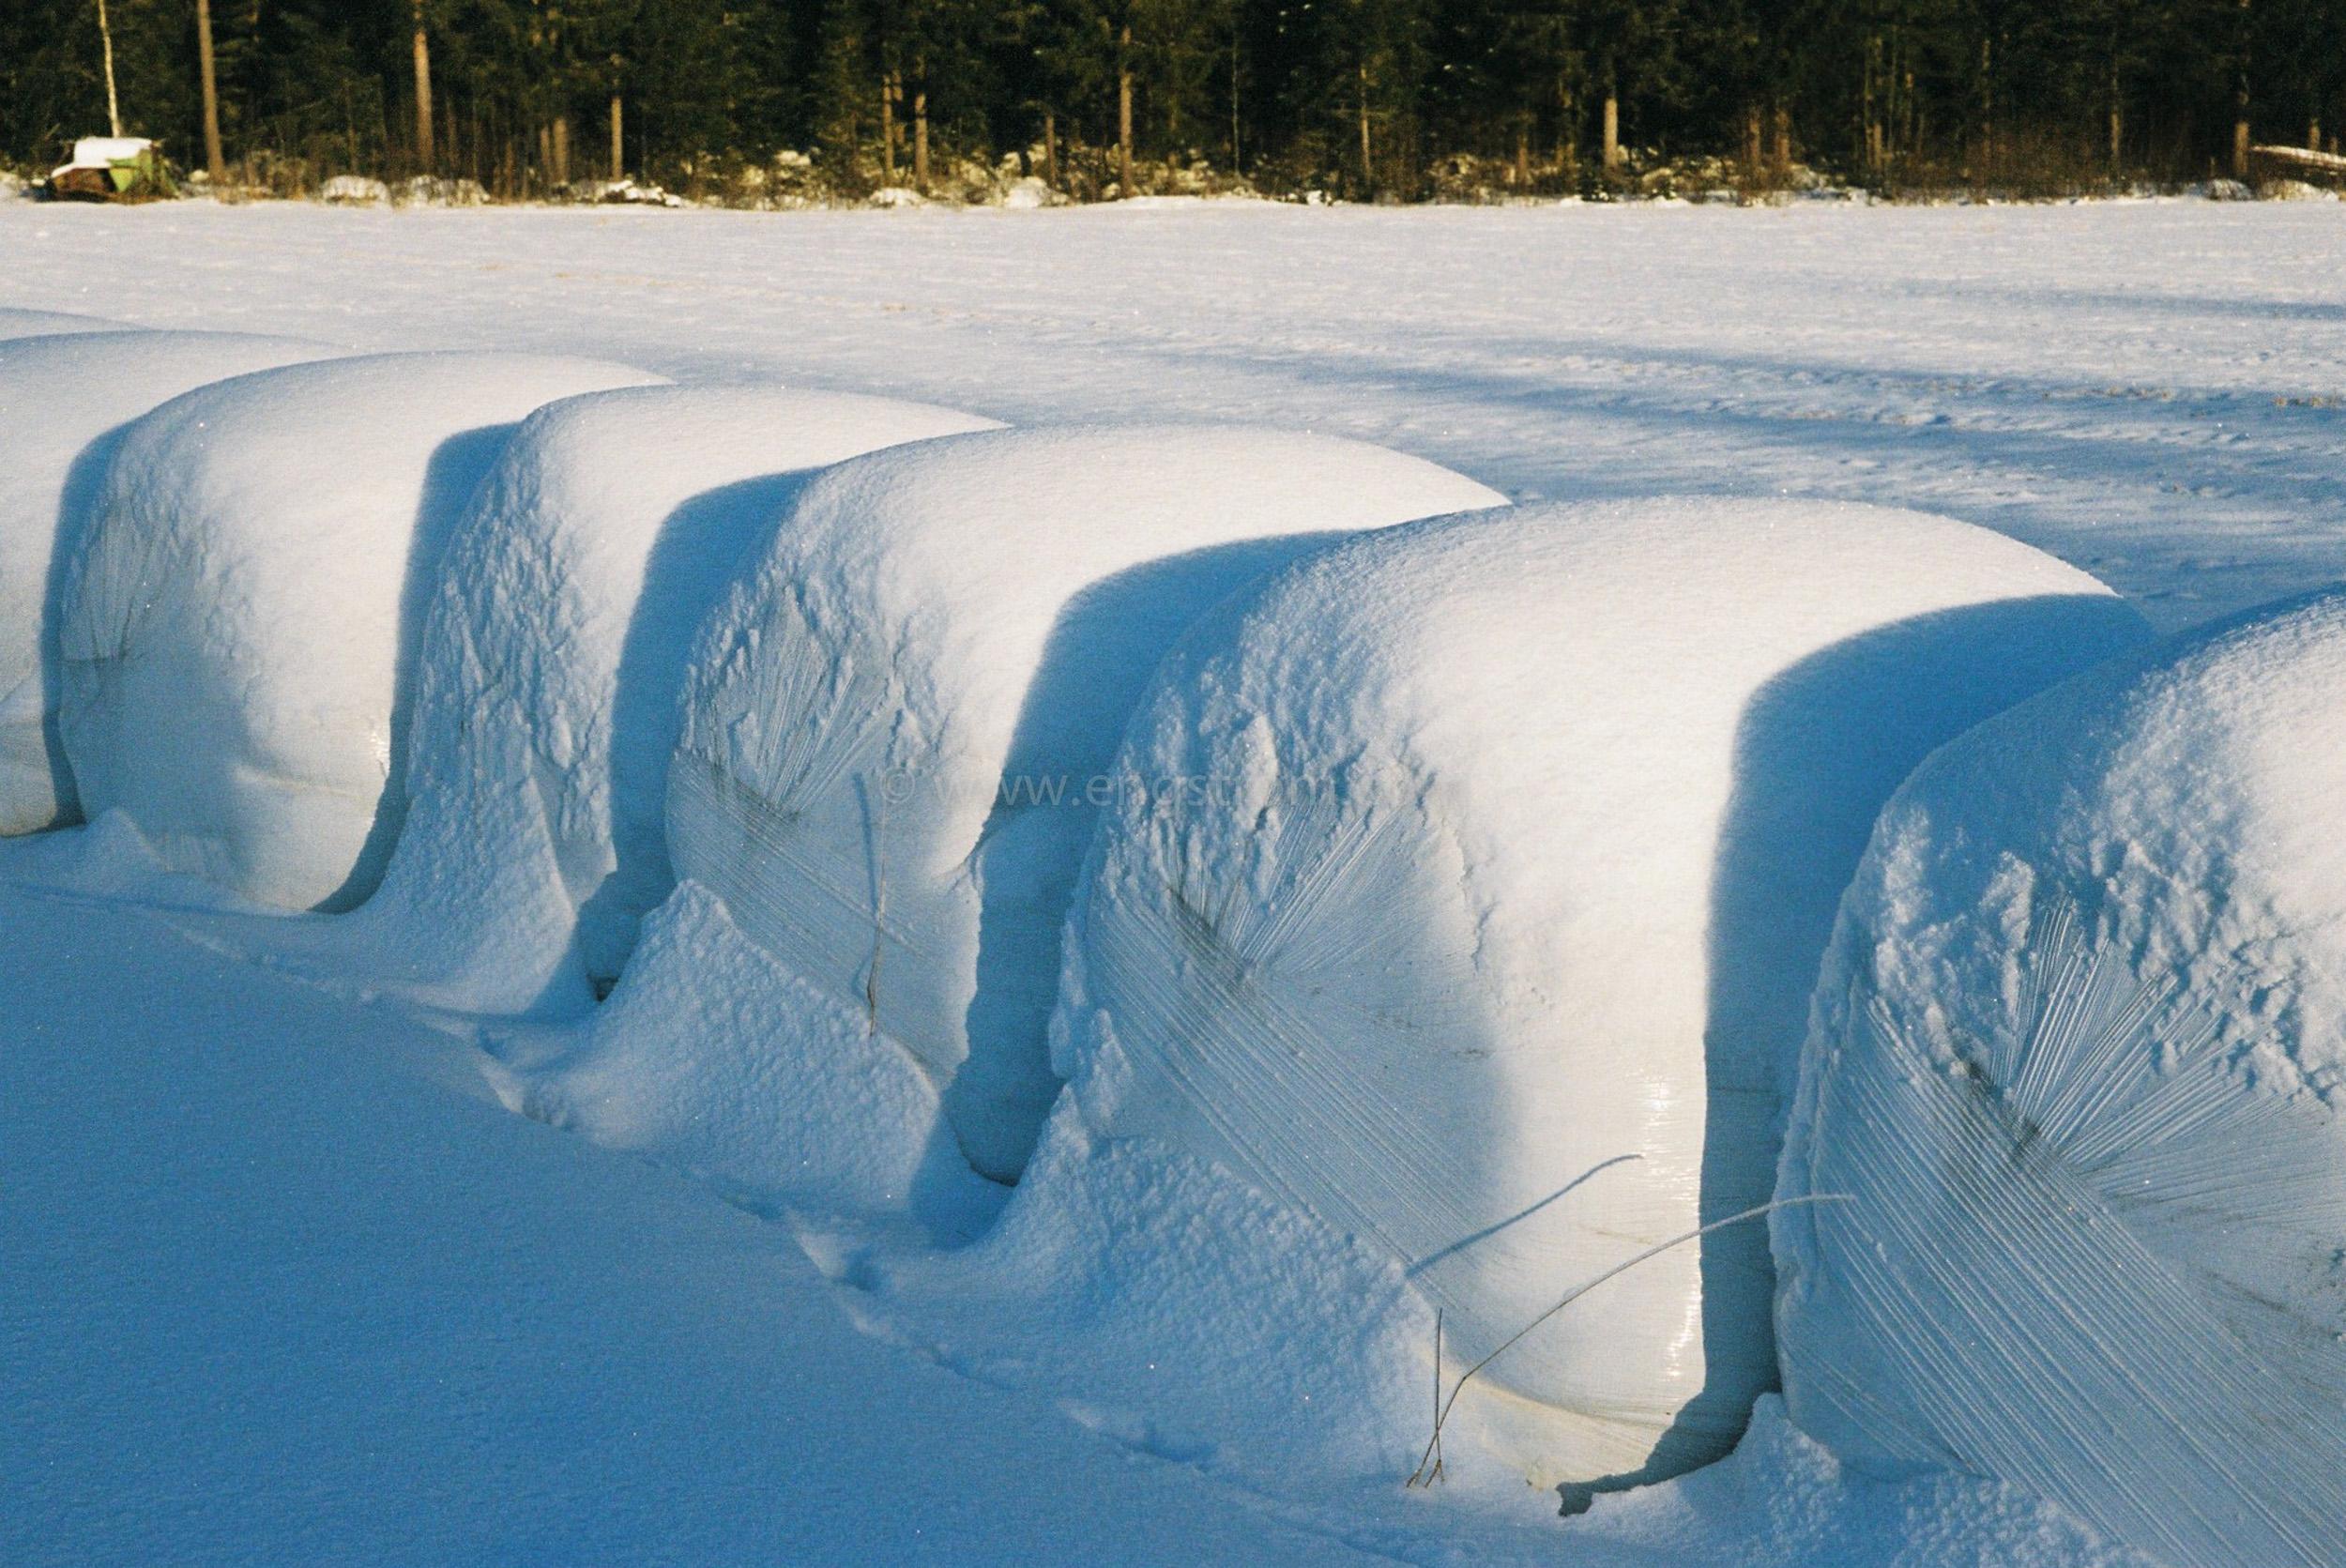 JE0400_047, Ensilagebalar på vintern. Hälsingland vintern 2004, Jonas Engström